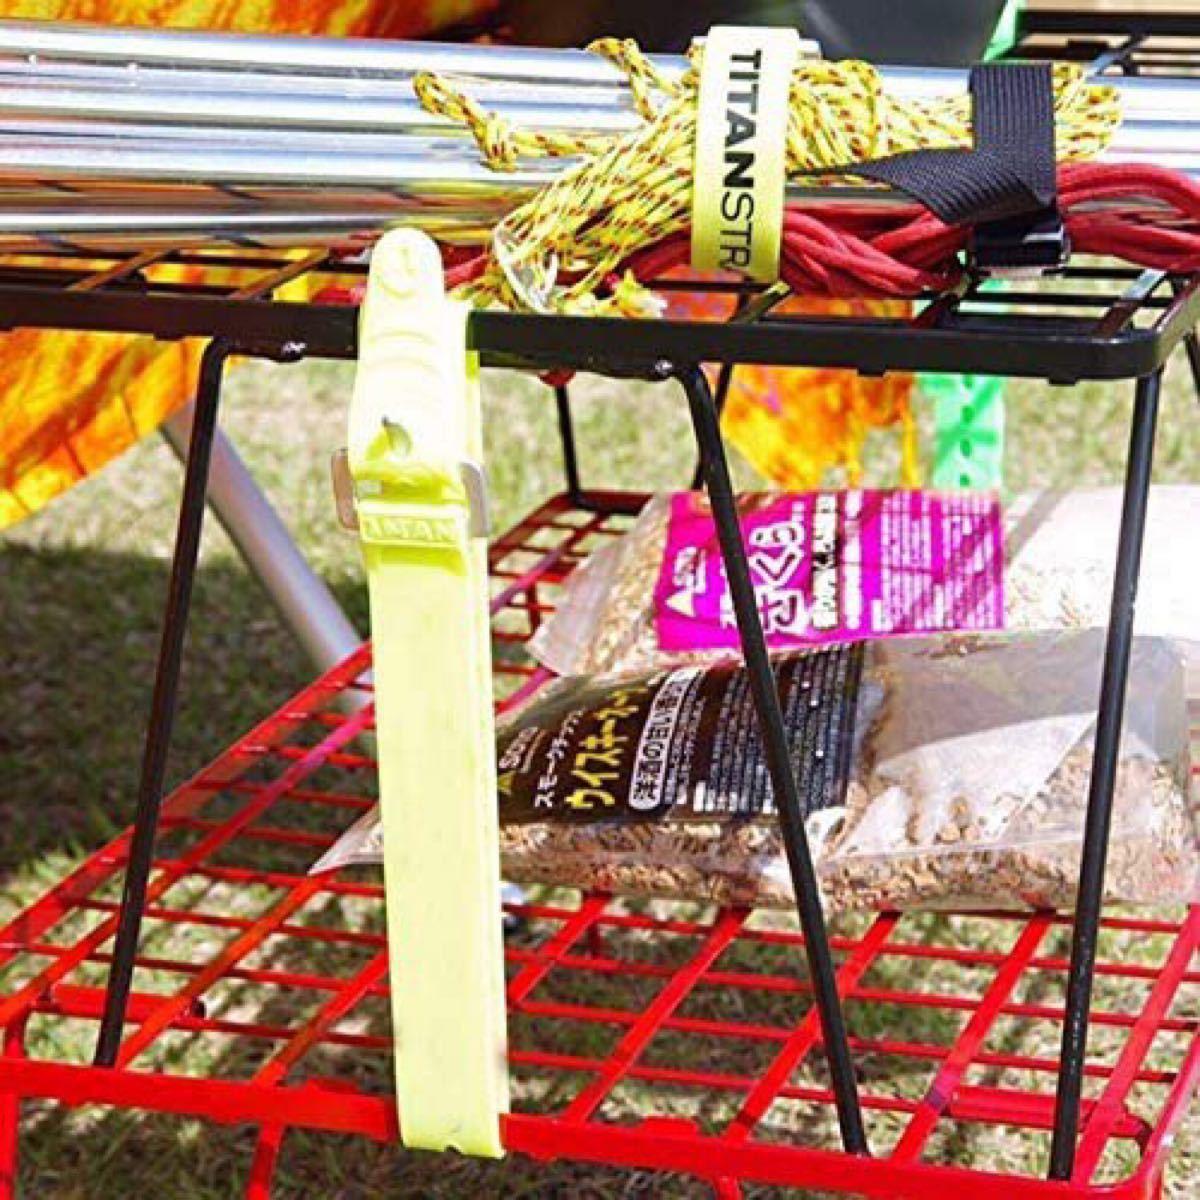 CAMPING MOON キャンピングムーン フィールドラック赤 ラック2天板1収納ケース1点 フルセット キャンピングラック